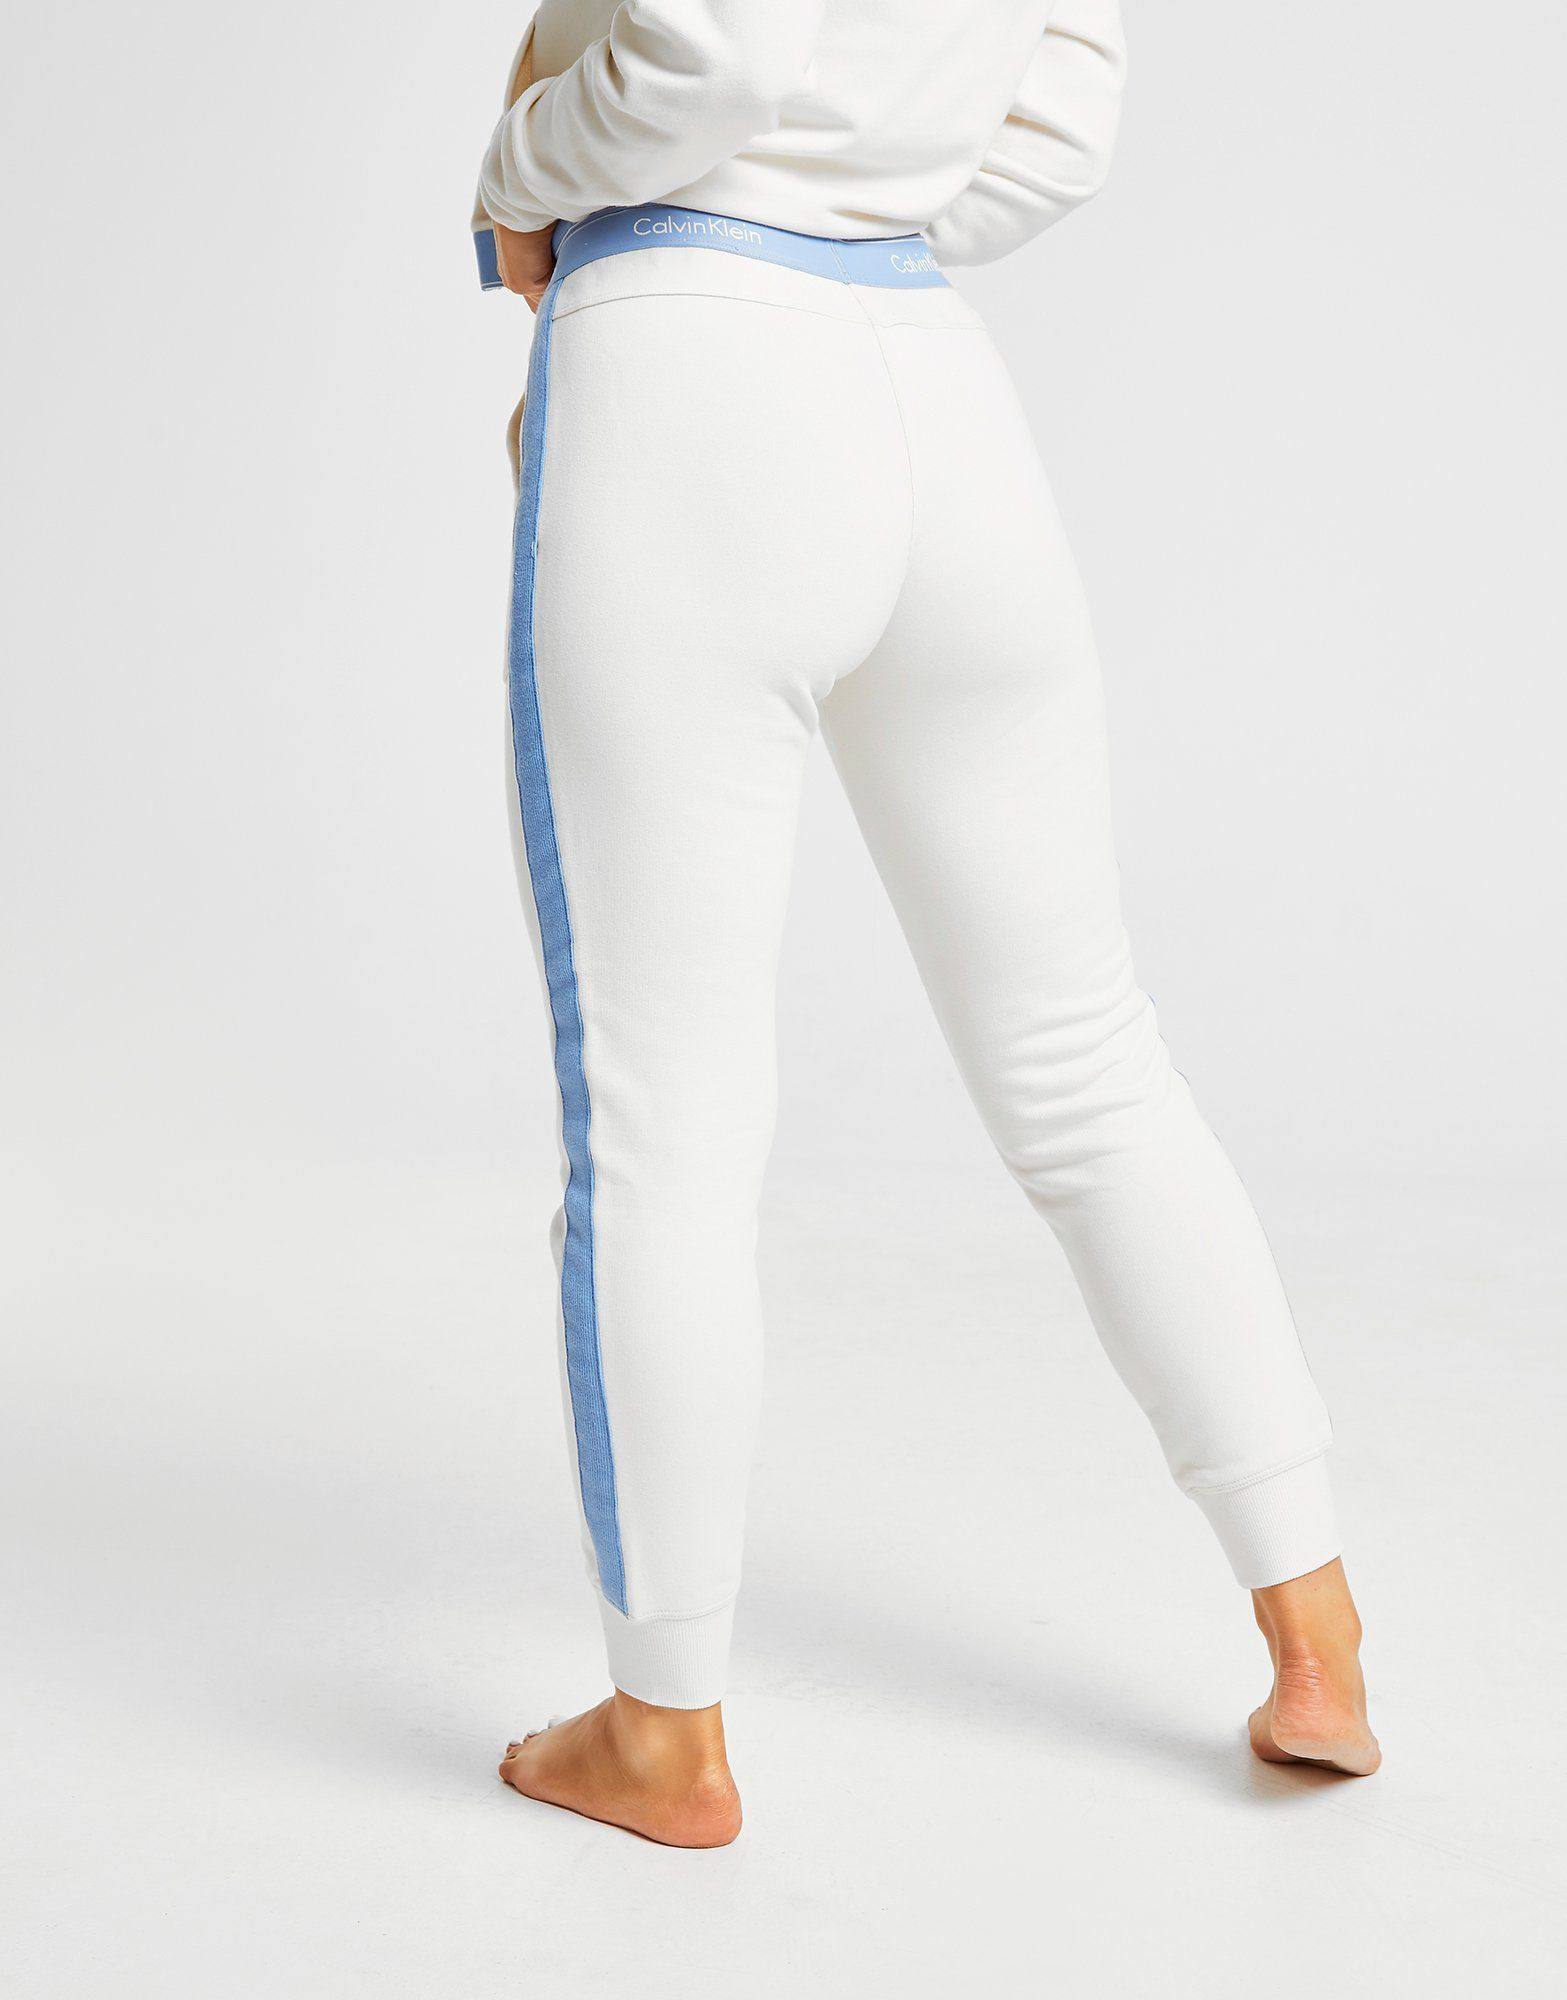 Calvin Klein Underwear Band Track Pants